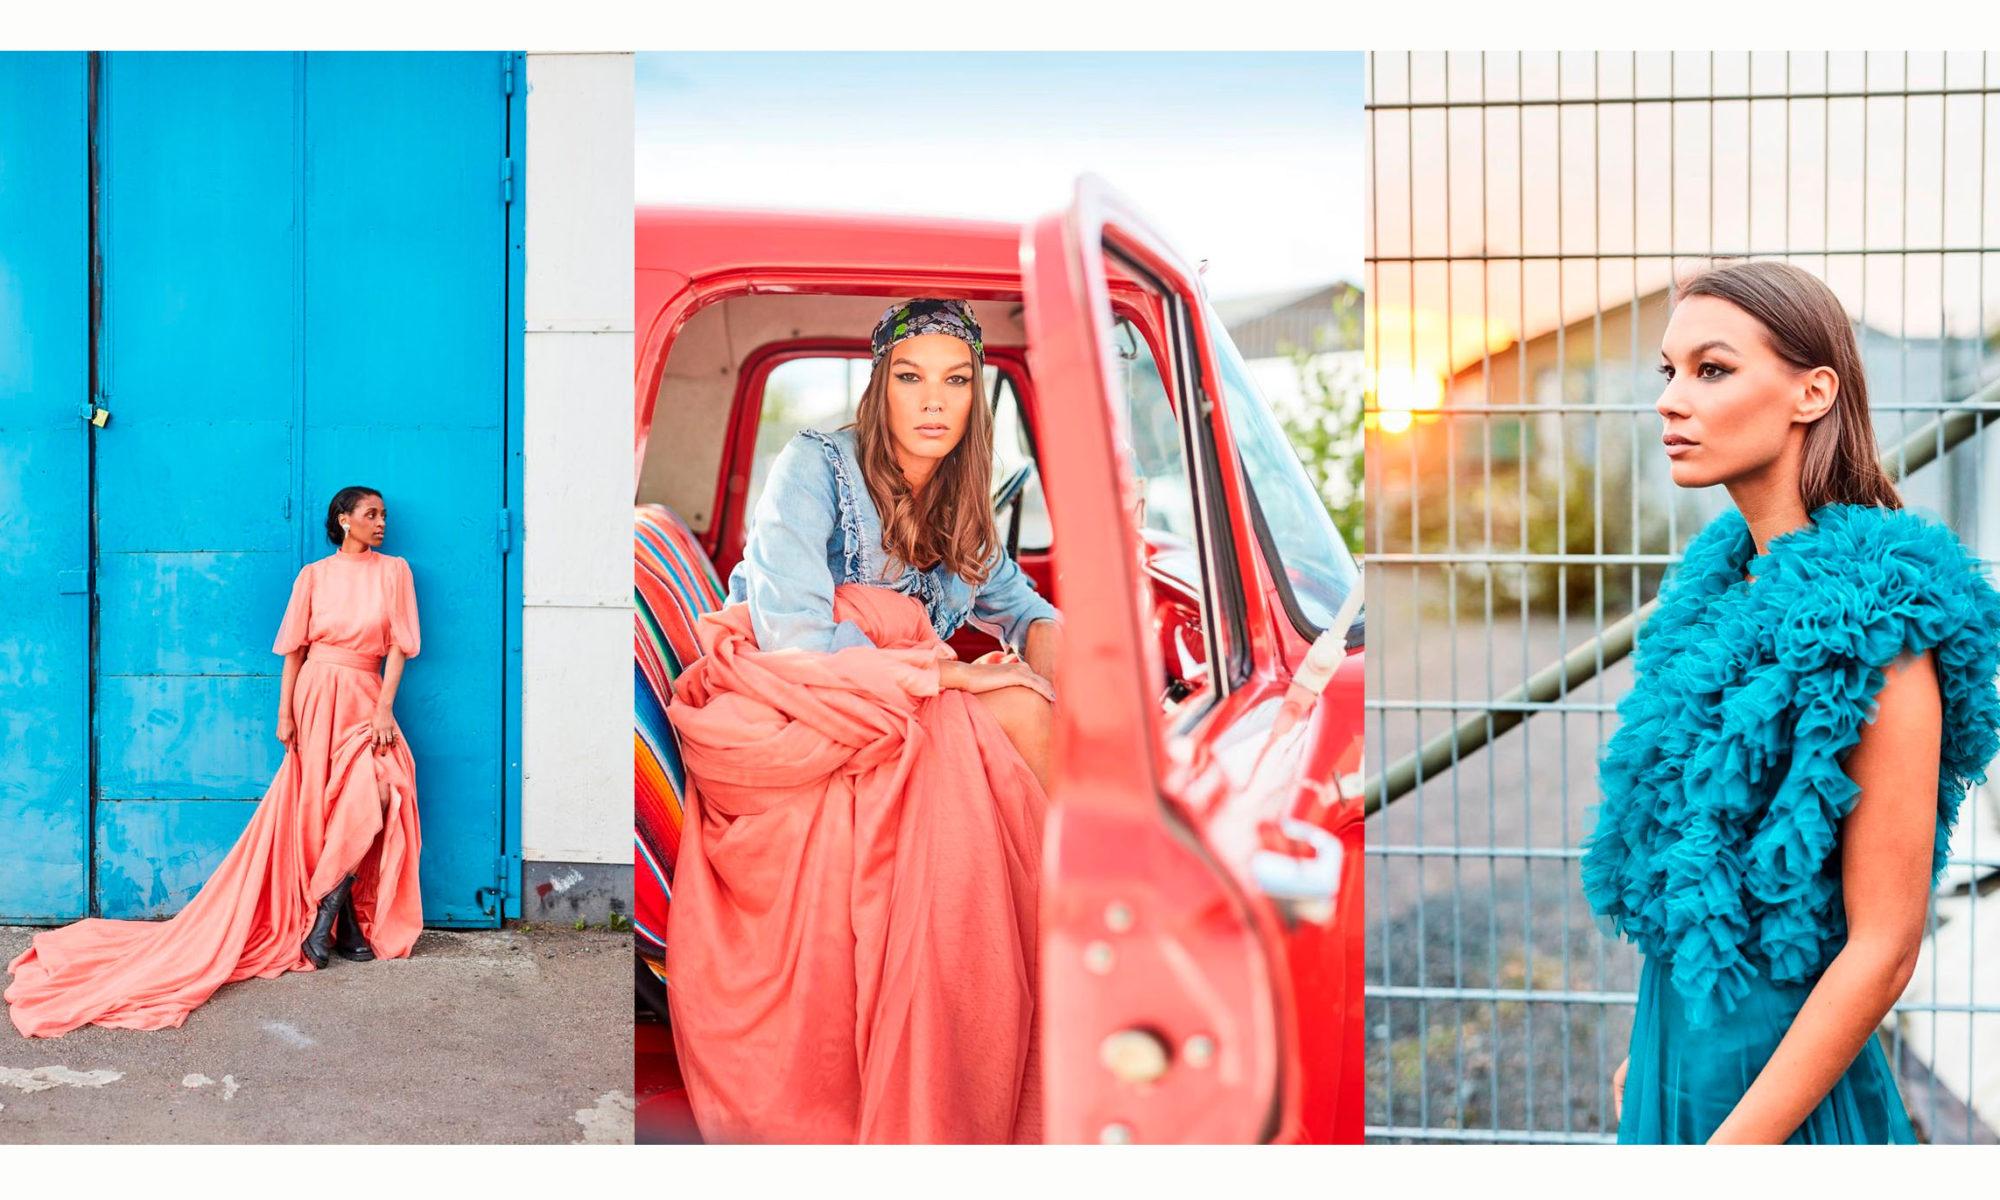 Tre bilder med kvinnor iklädda festklänningar, i turkost samt i korallrött.